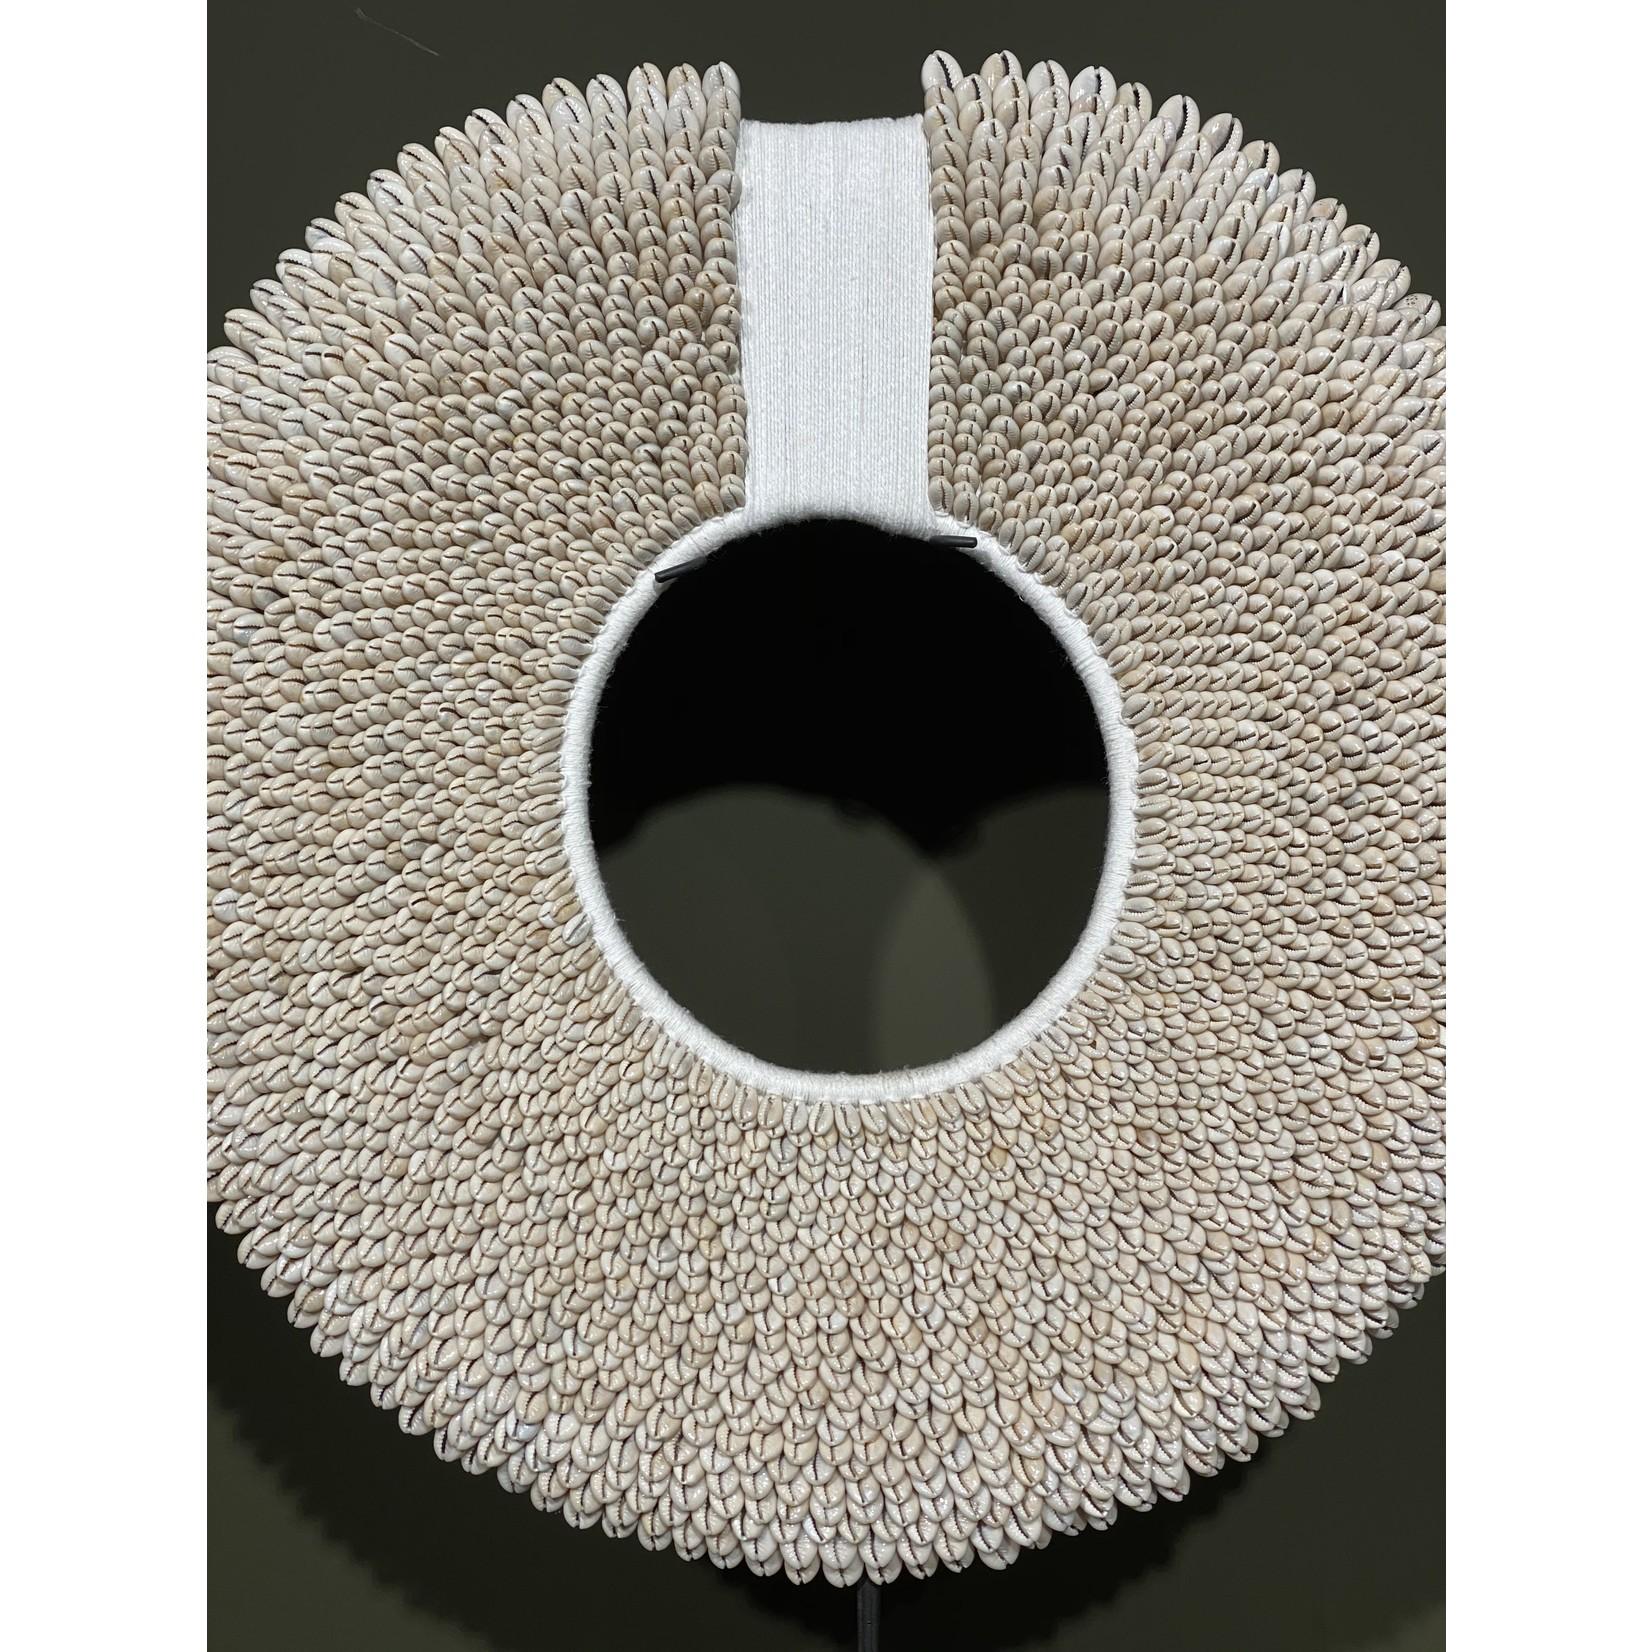 Papuaketting wit met touw   Dia. 47 cm